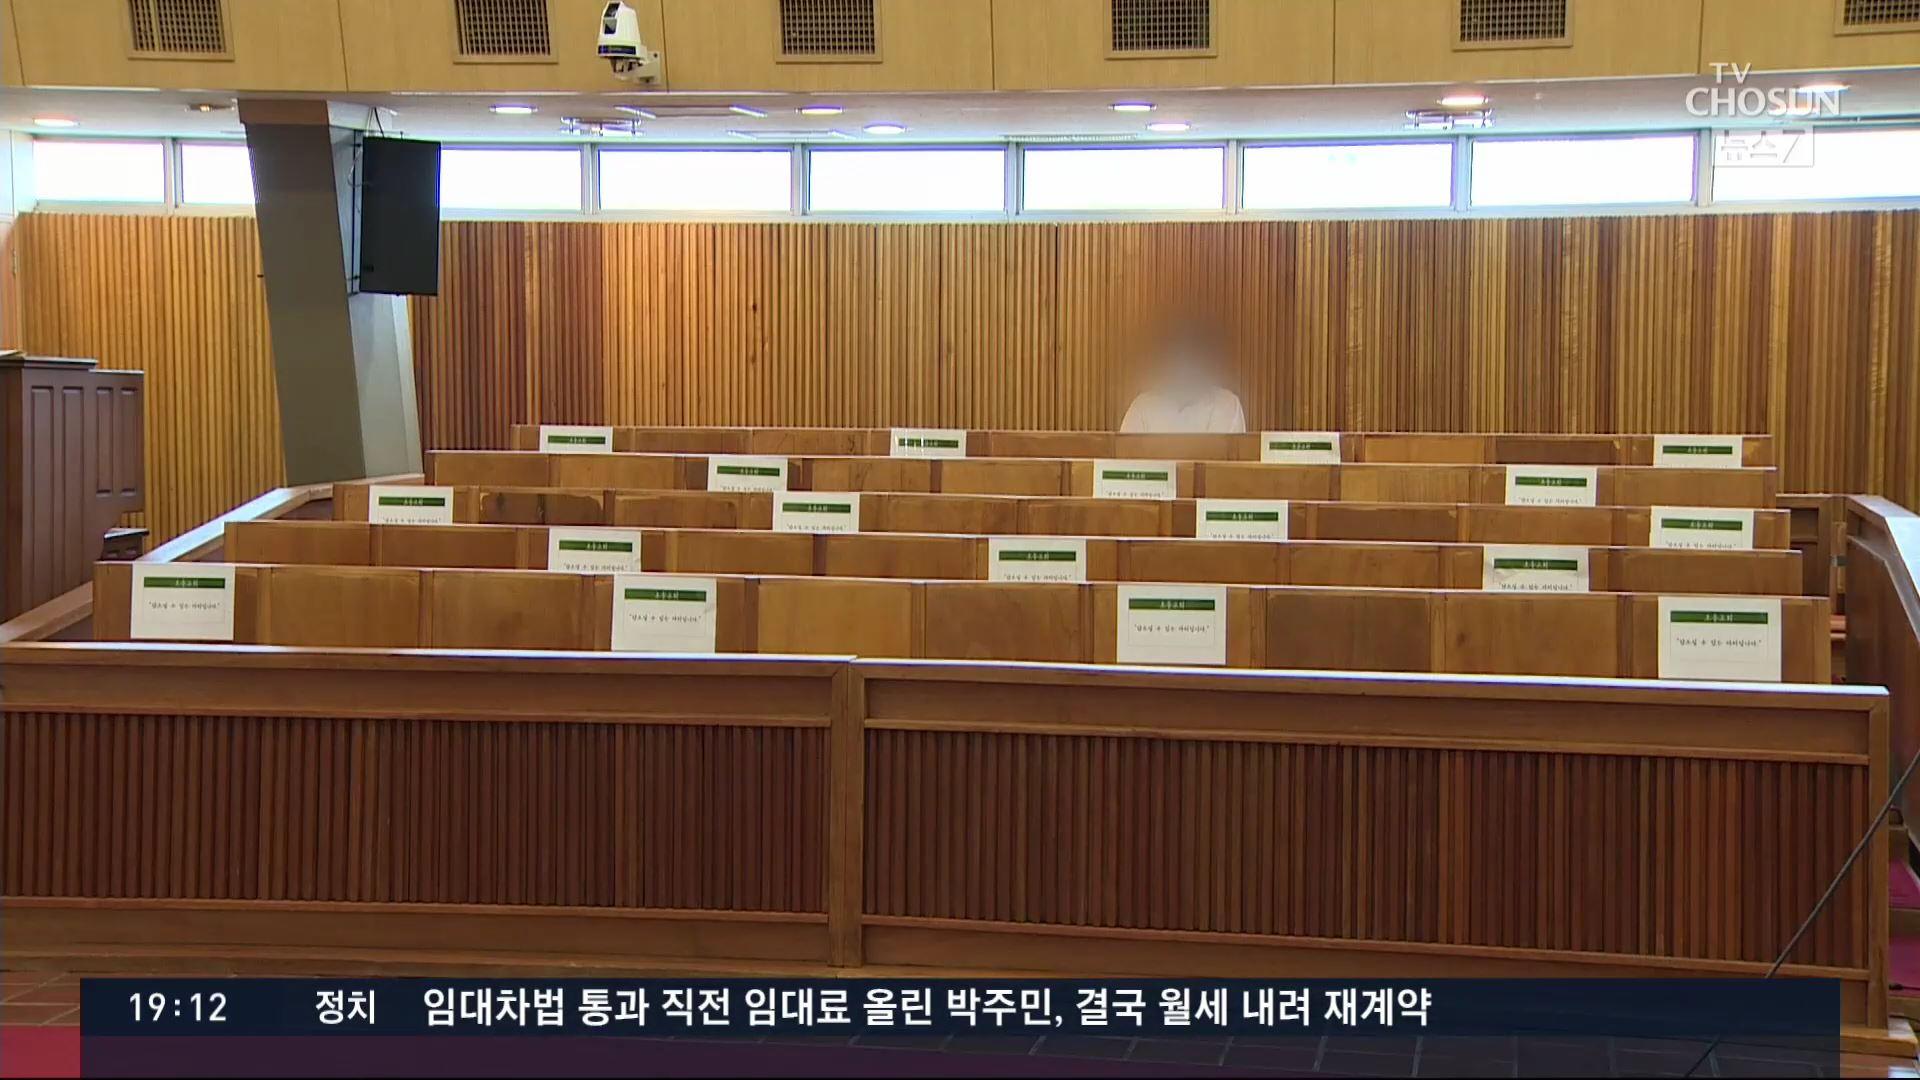 자매교회 순회모임 관련 감염 속출…전국서 71명 확진